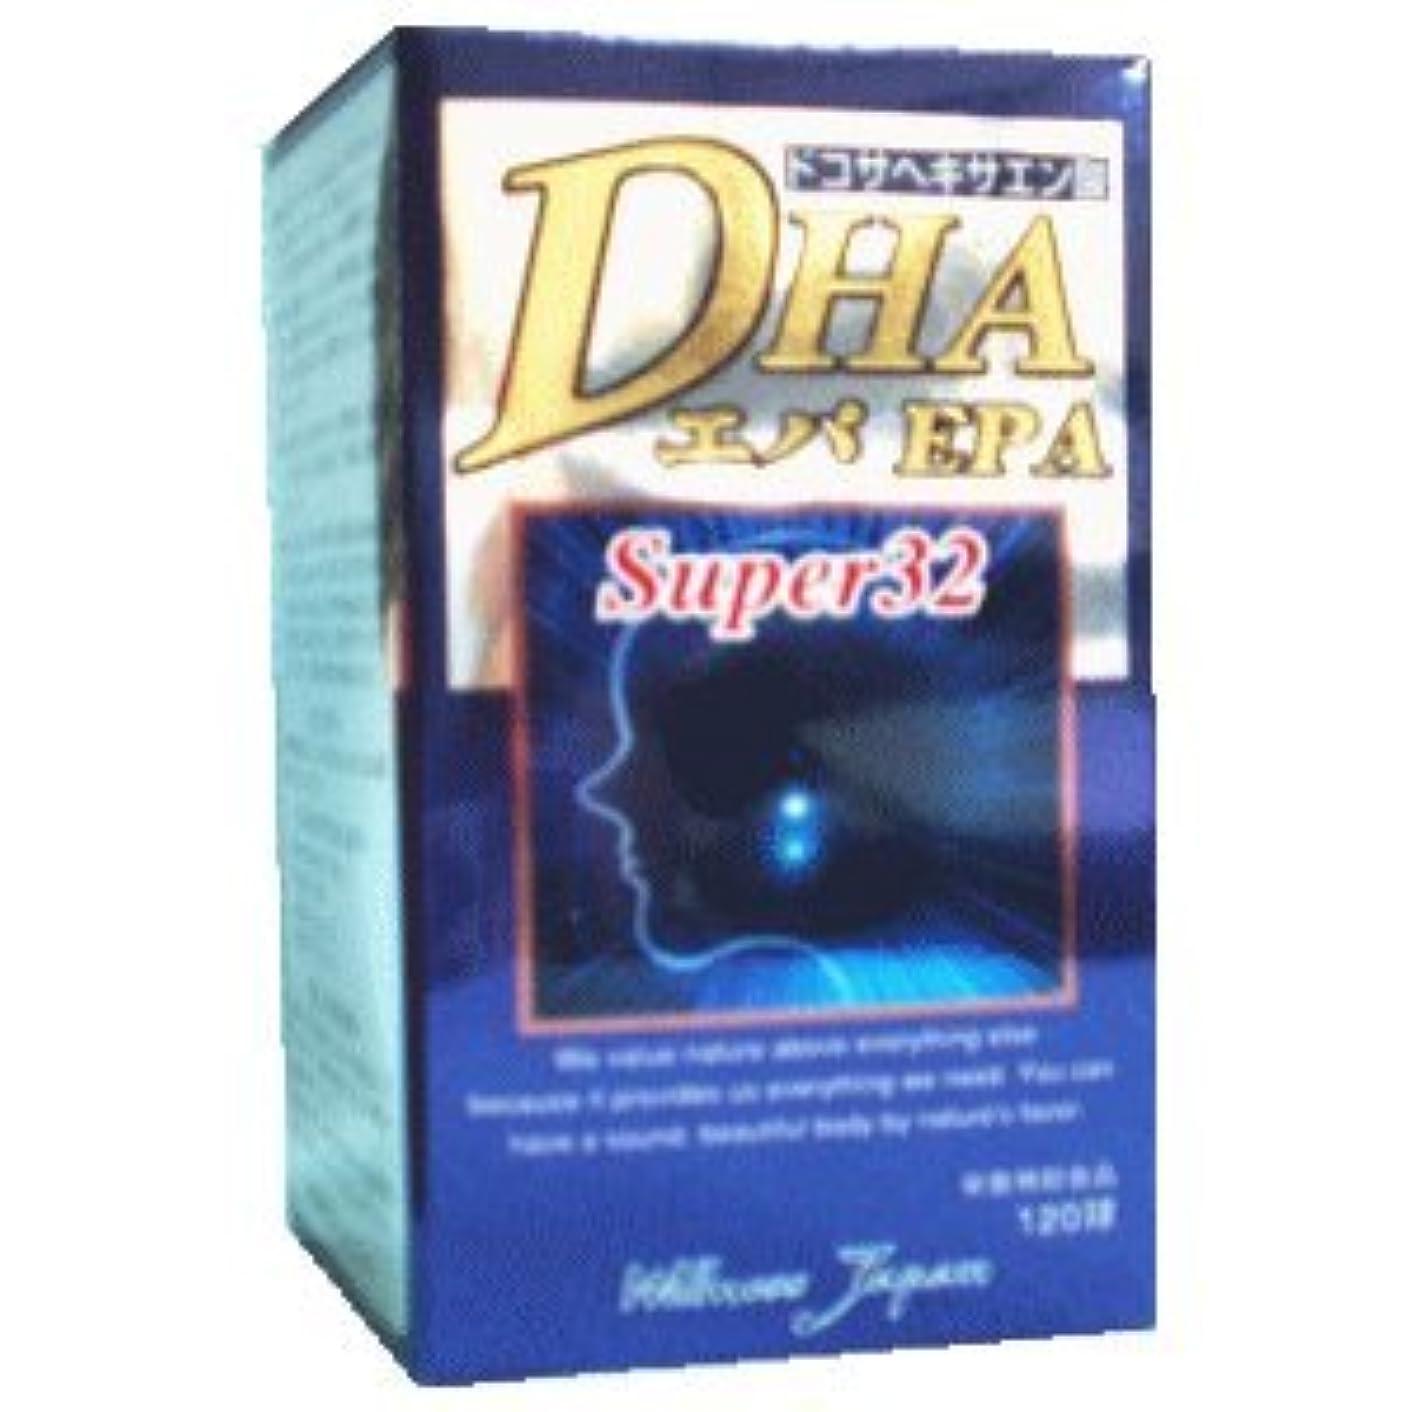 寝室を掃除する役に立たないそよ風DHAエパスーパー32 120球×(3セット)